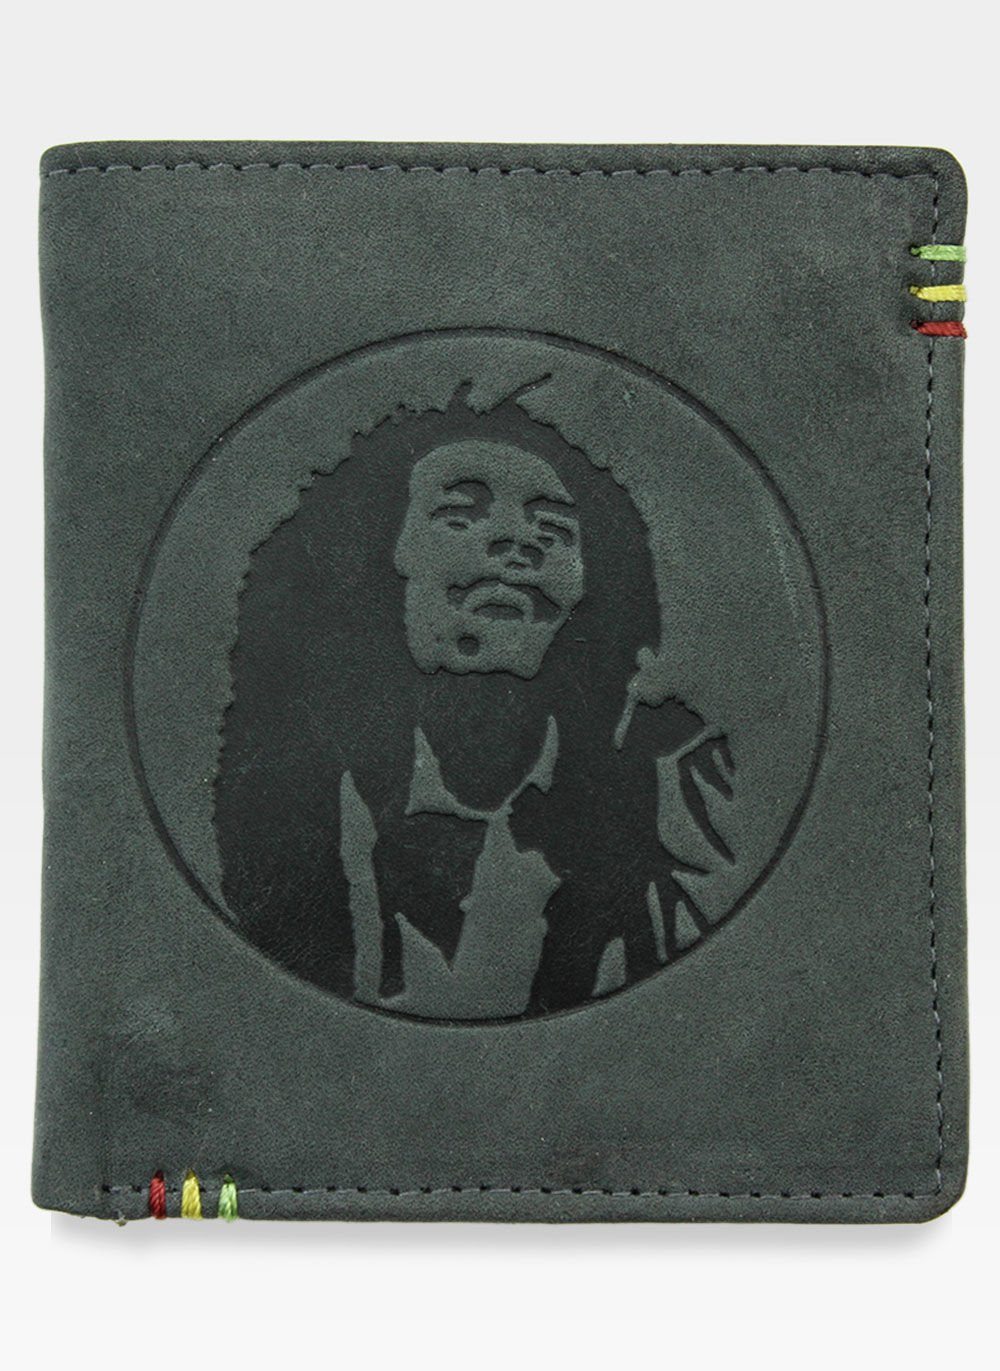 7e6e25f9e0ecb Portfel Męski Mustard ACCESSORIES Bob Marley (Herb) Kliknij, aby powiększyć  ...